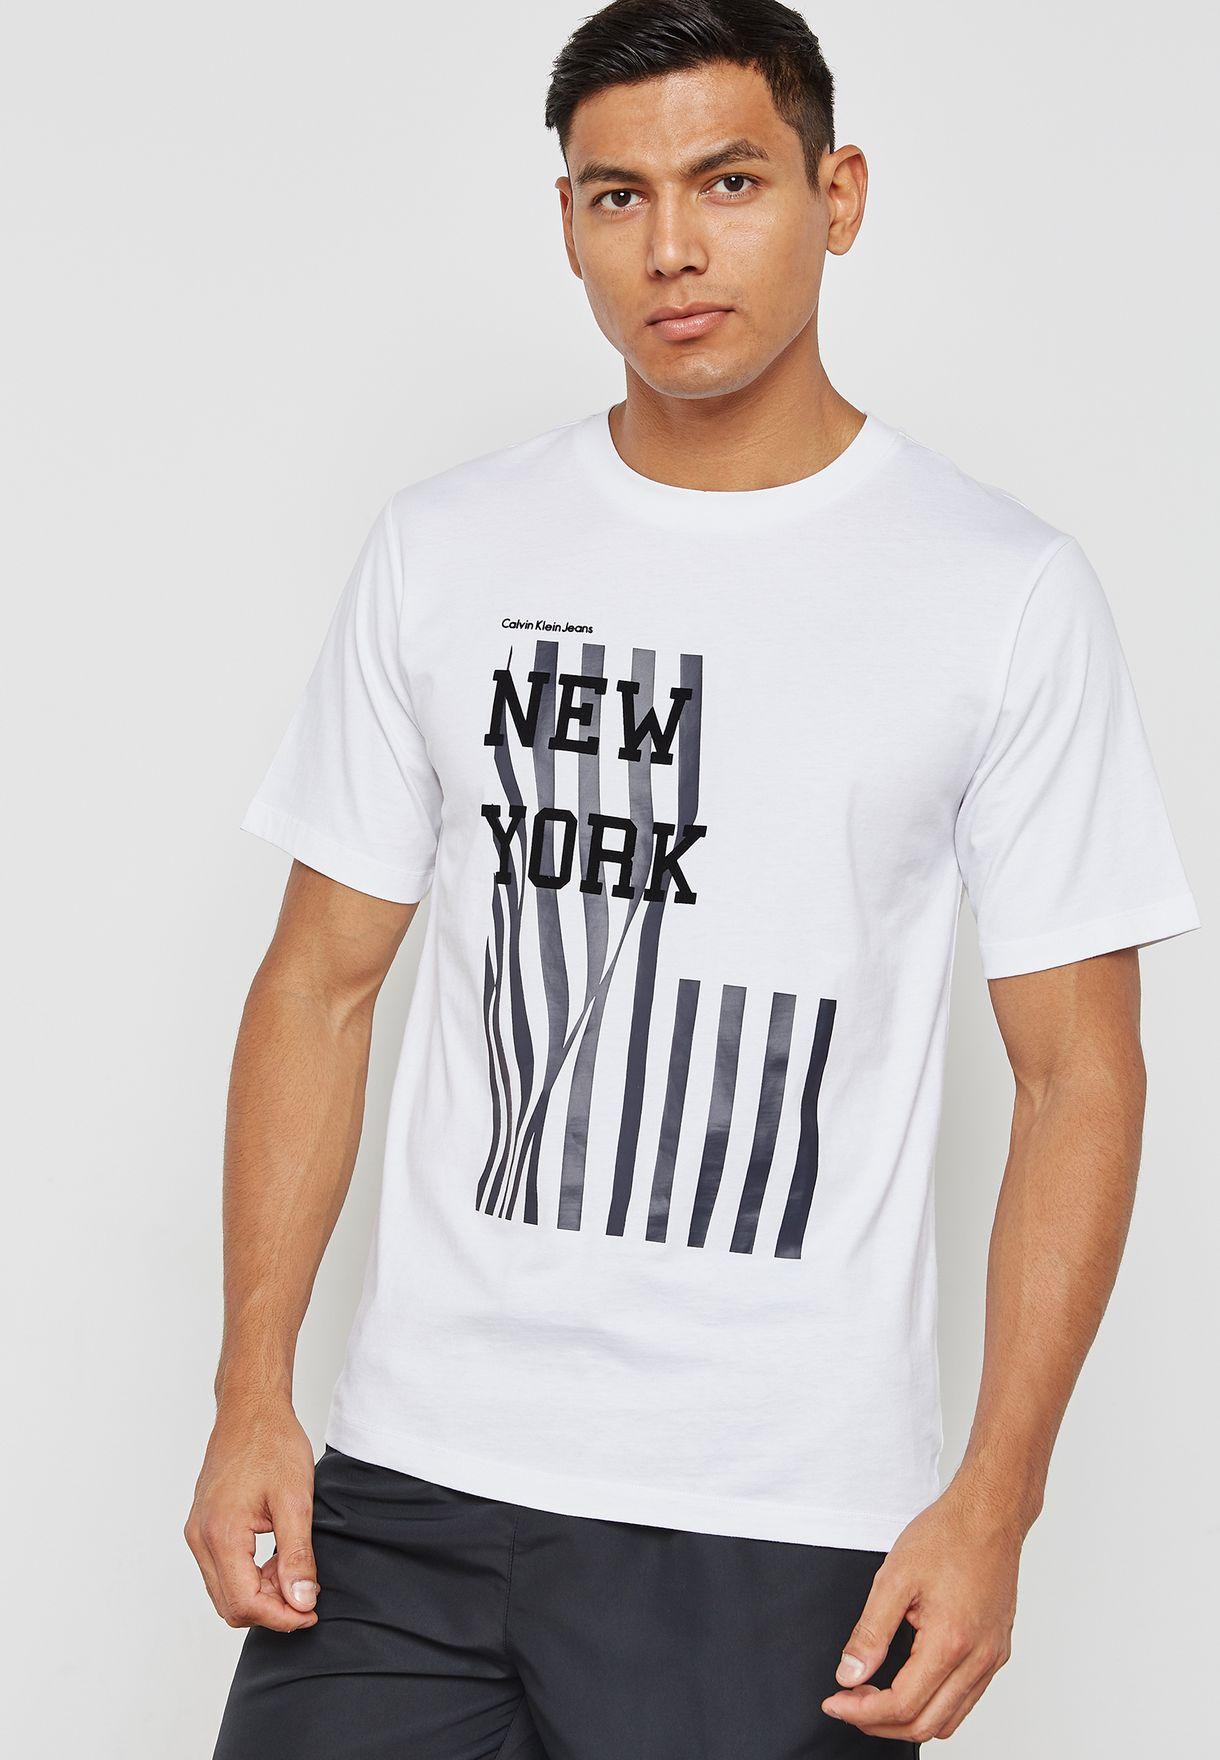 ae51108f Shop Calvin Klein Jeans white New York Flag Design T-Shirt ...